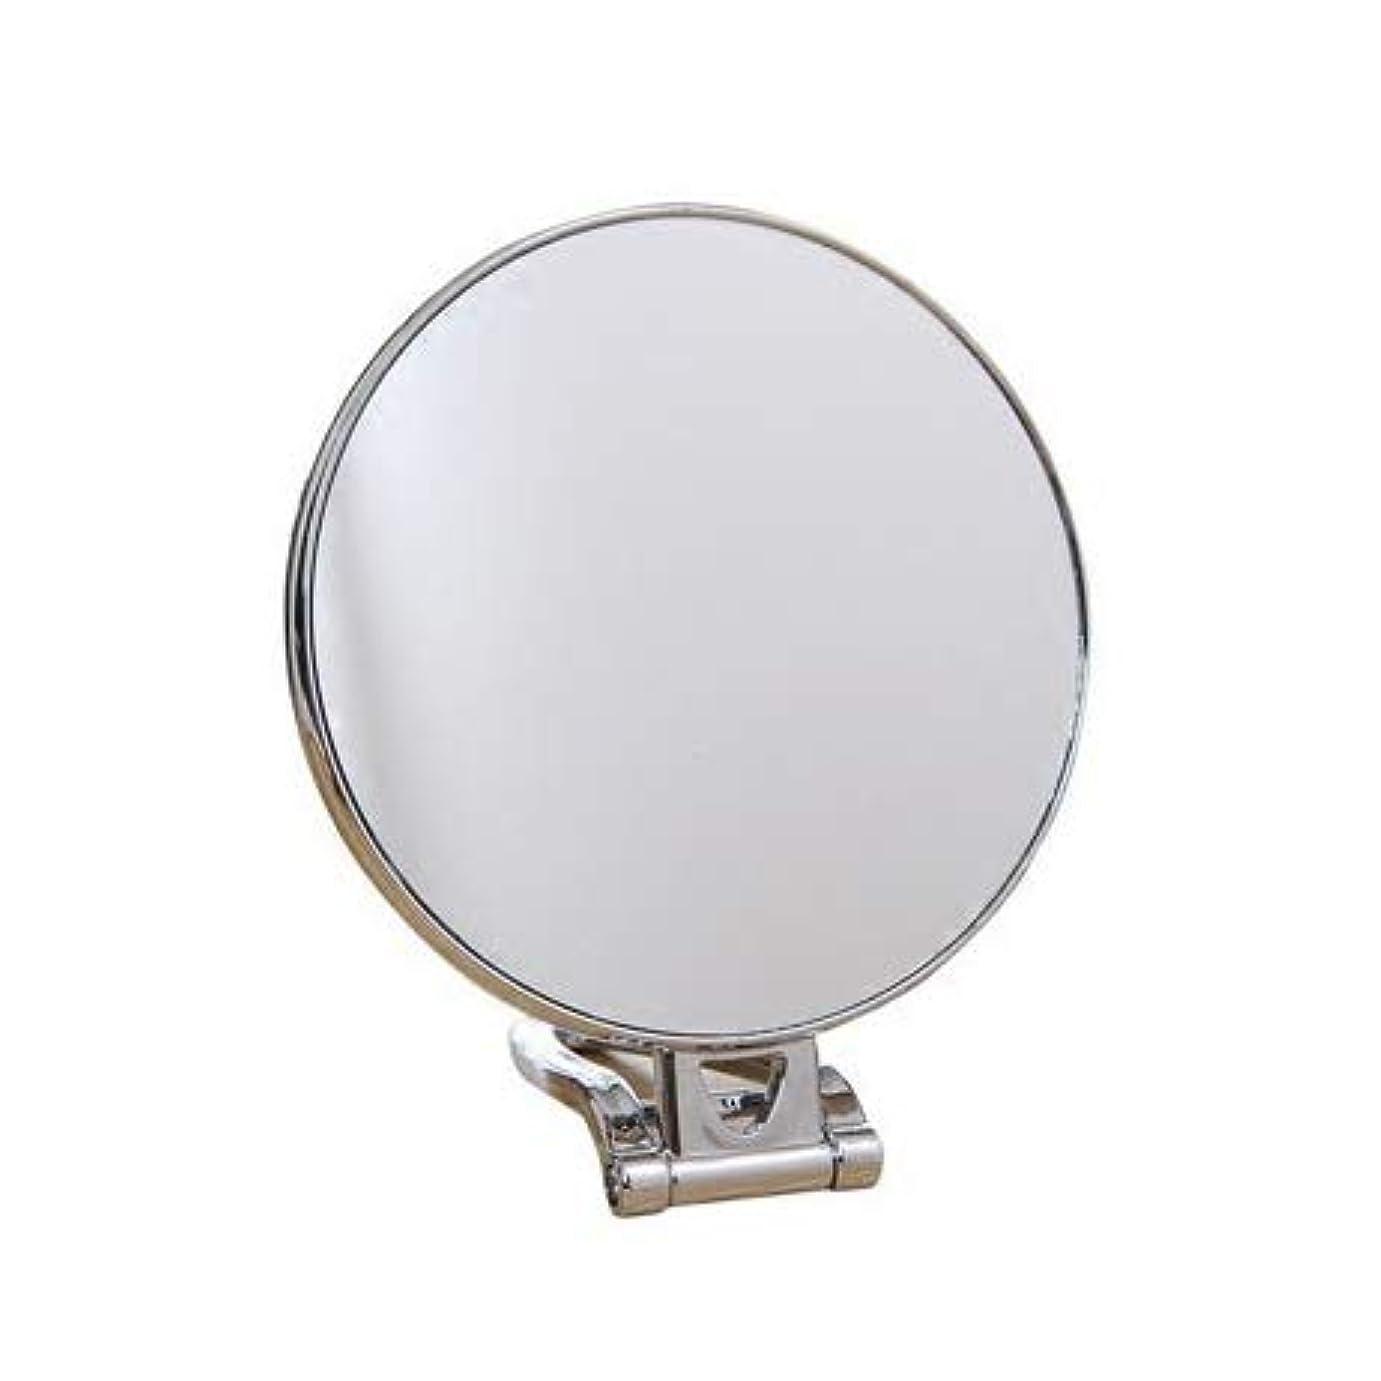 移動する比率心理的KSWD 円形 化粧鏡、 両面 倍率3倍 折りたたみ式 テーブルトップ ウォールマウント 2-In-1 化粧ミラー、 銀、 ミラーサイズ 14.5cm